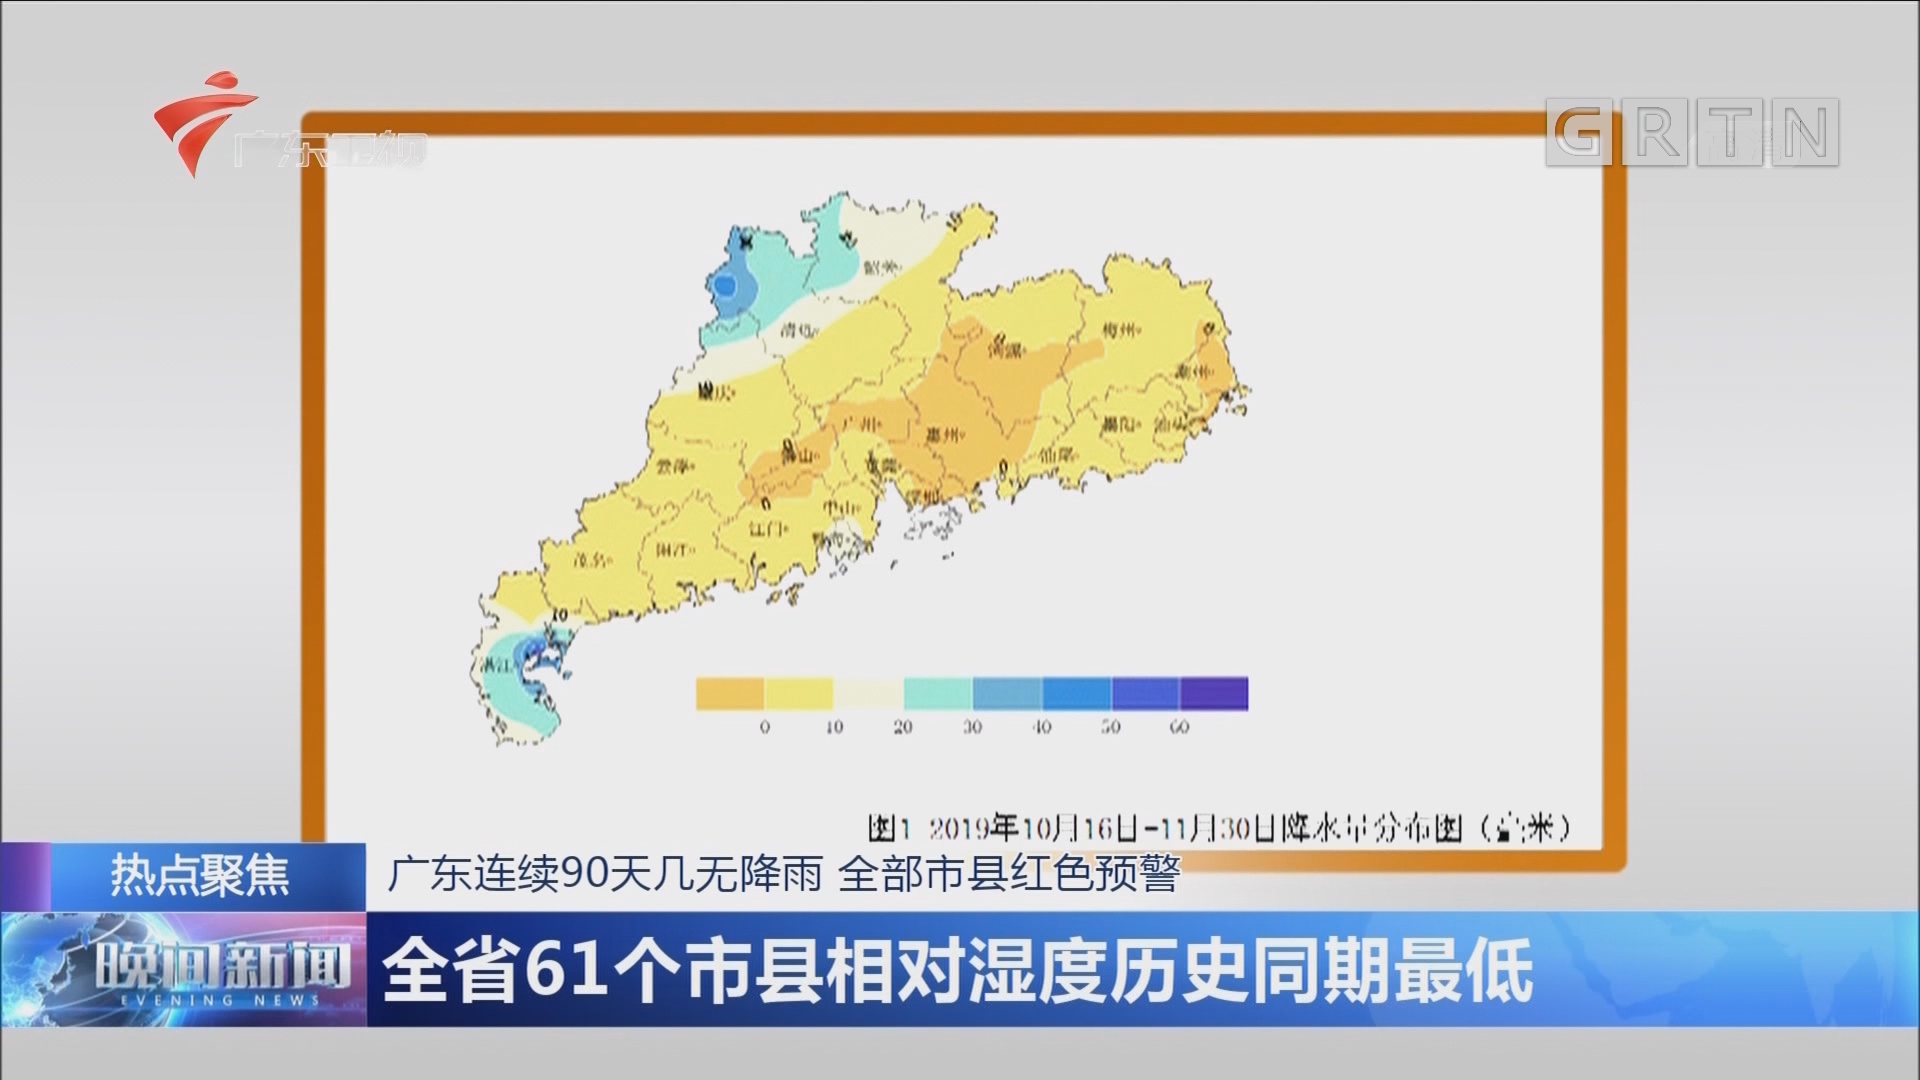 广东连续90天几无降雨 全省61个市县相对湿度历史同期最低